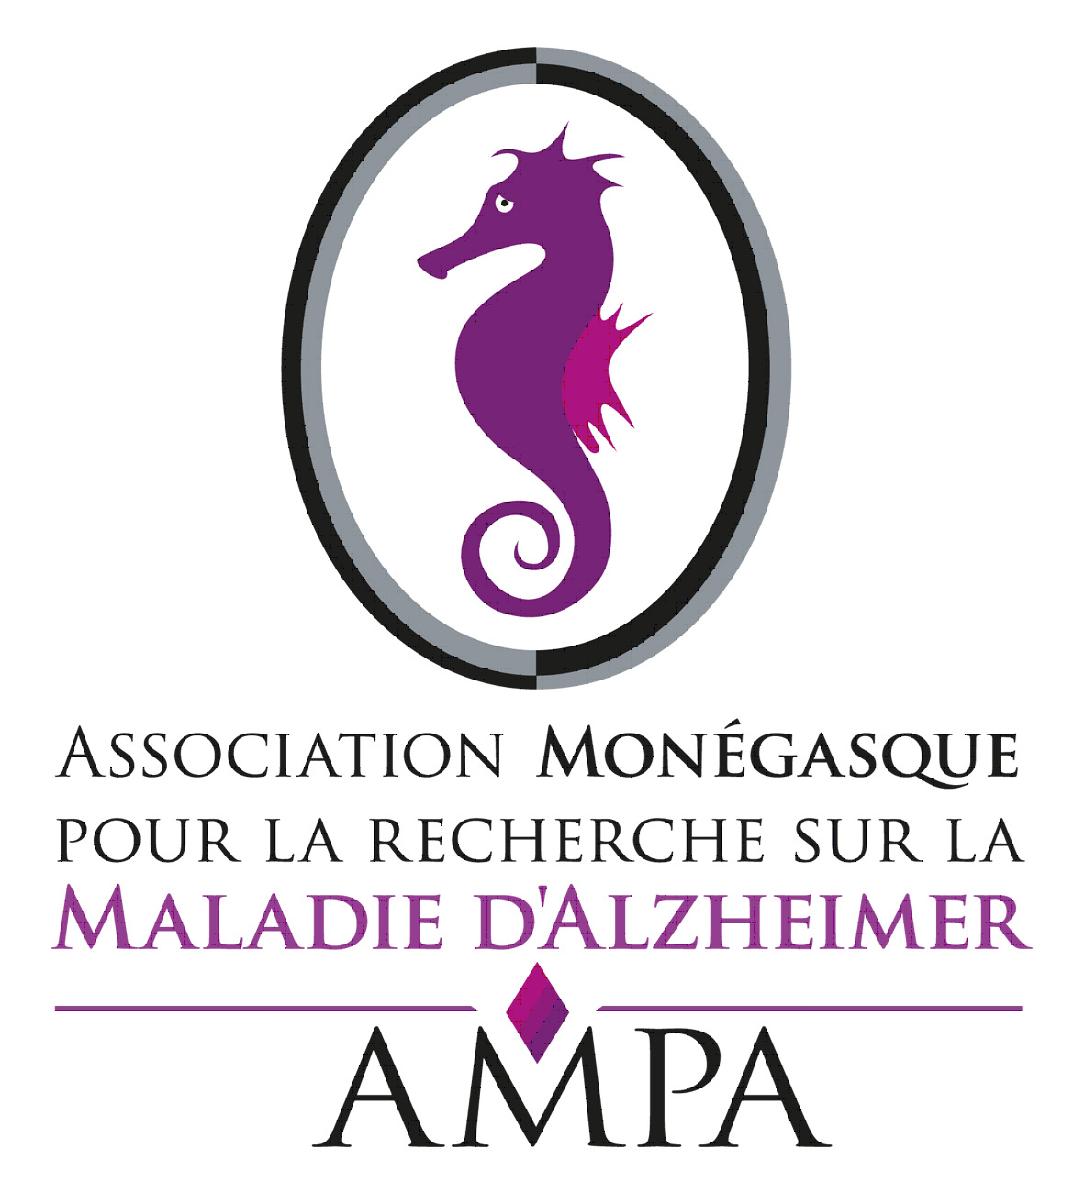 Association Monegasque pour la Recherche sur la Maladie d'Alzheimer